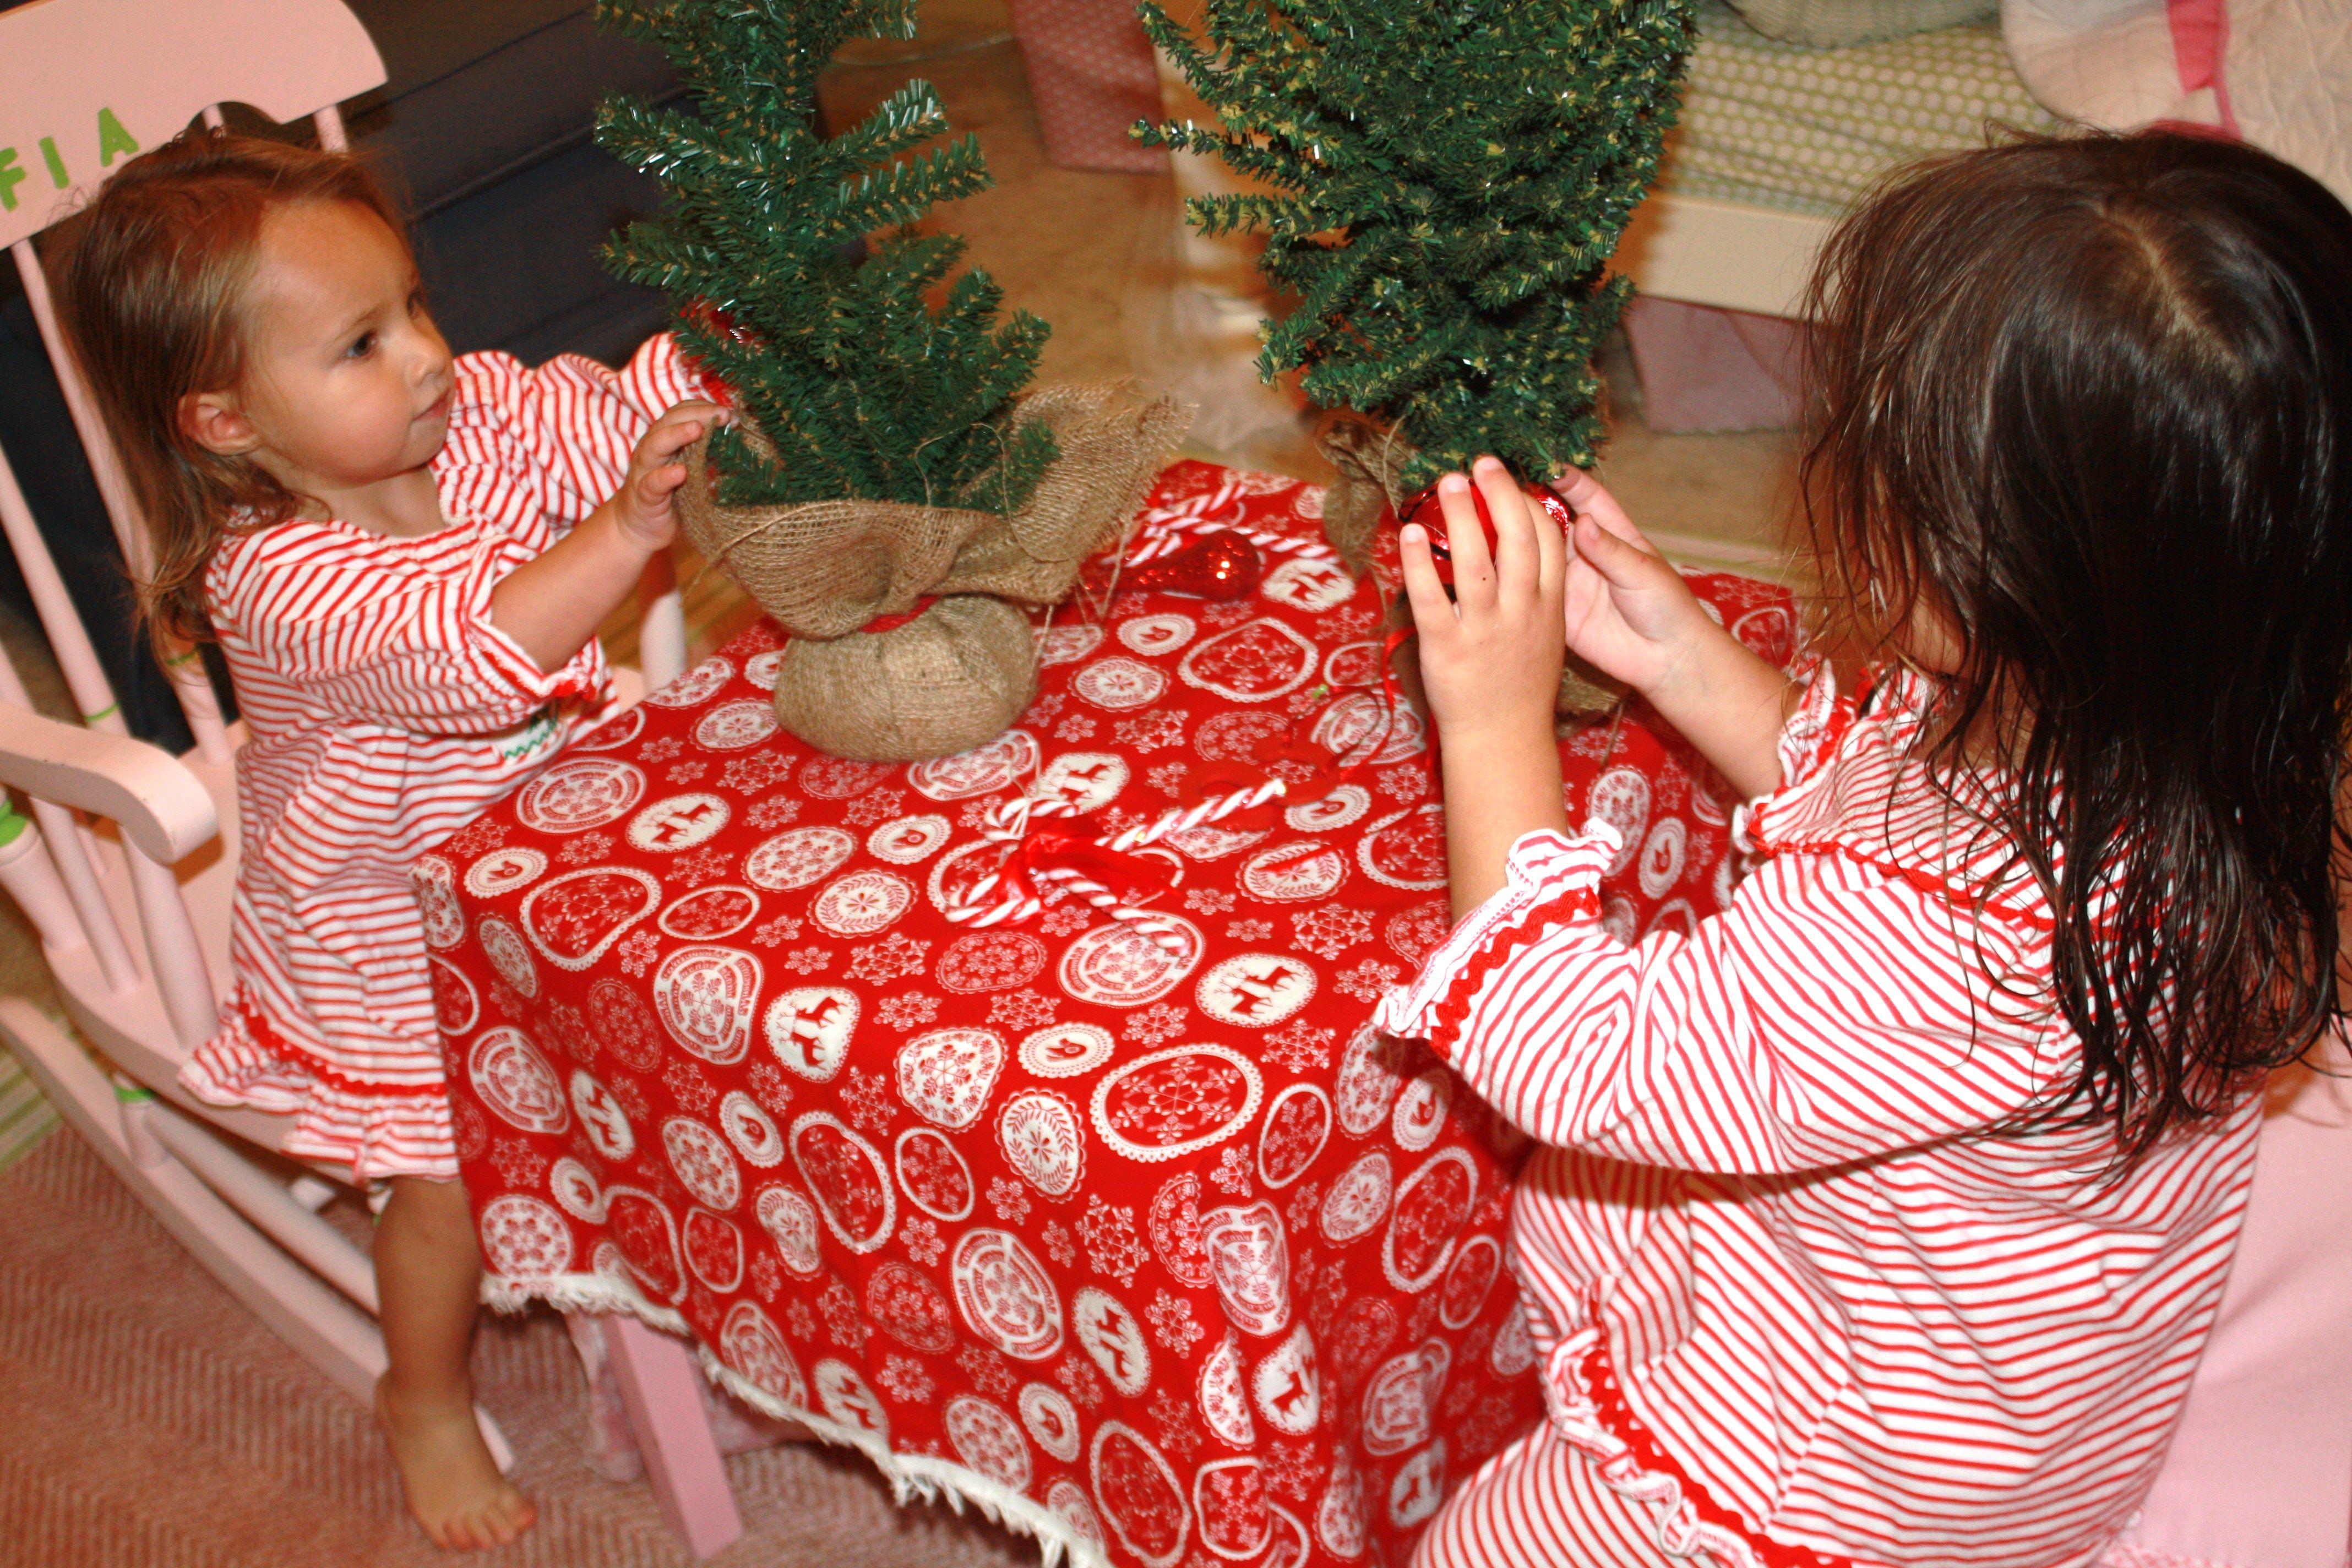 Christmas Decor & Tradition